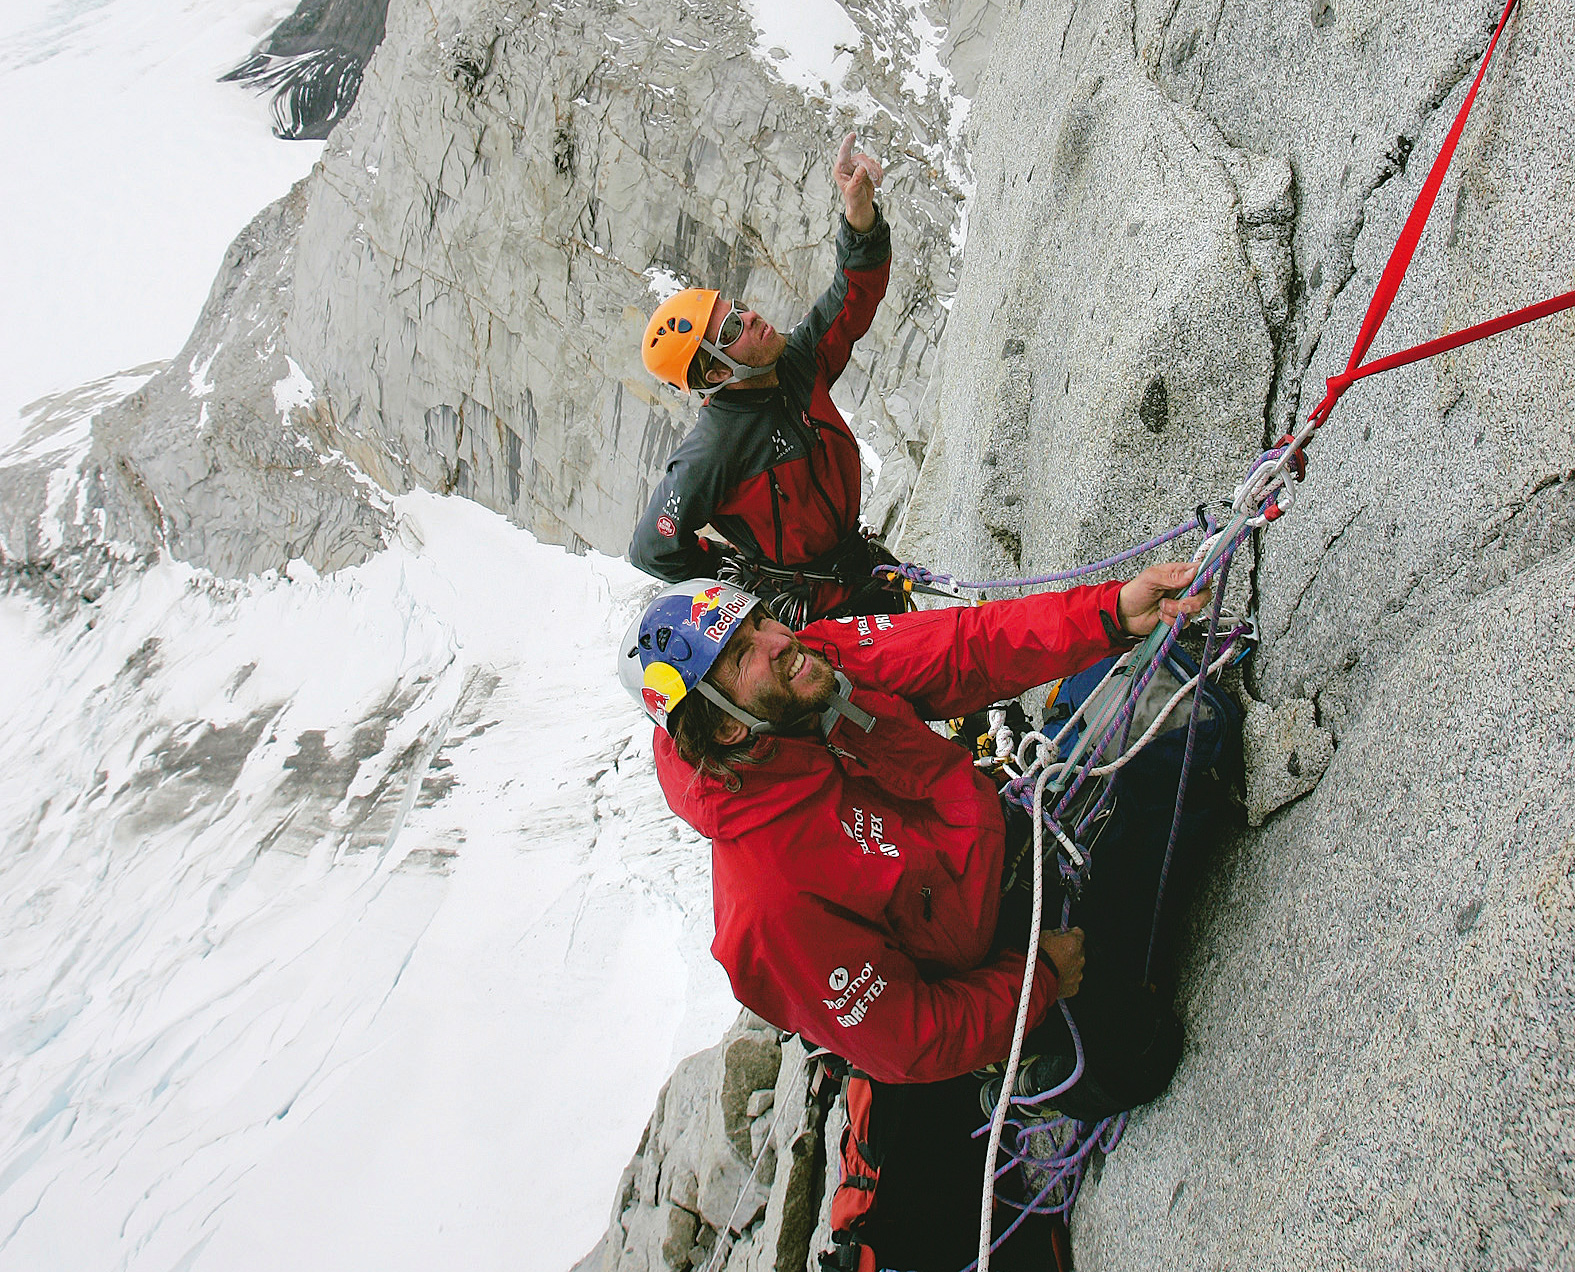 Stefan Glowacz und Robert Jasper bei der Erstbegehung von »Gone with the wind« (27 SL, IX+, A2) in Patagonien